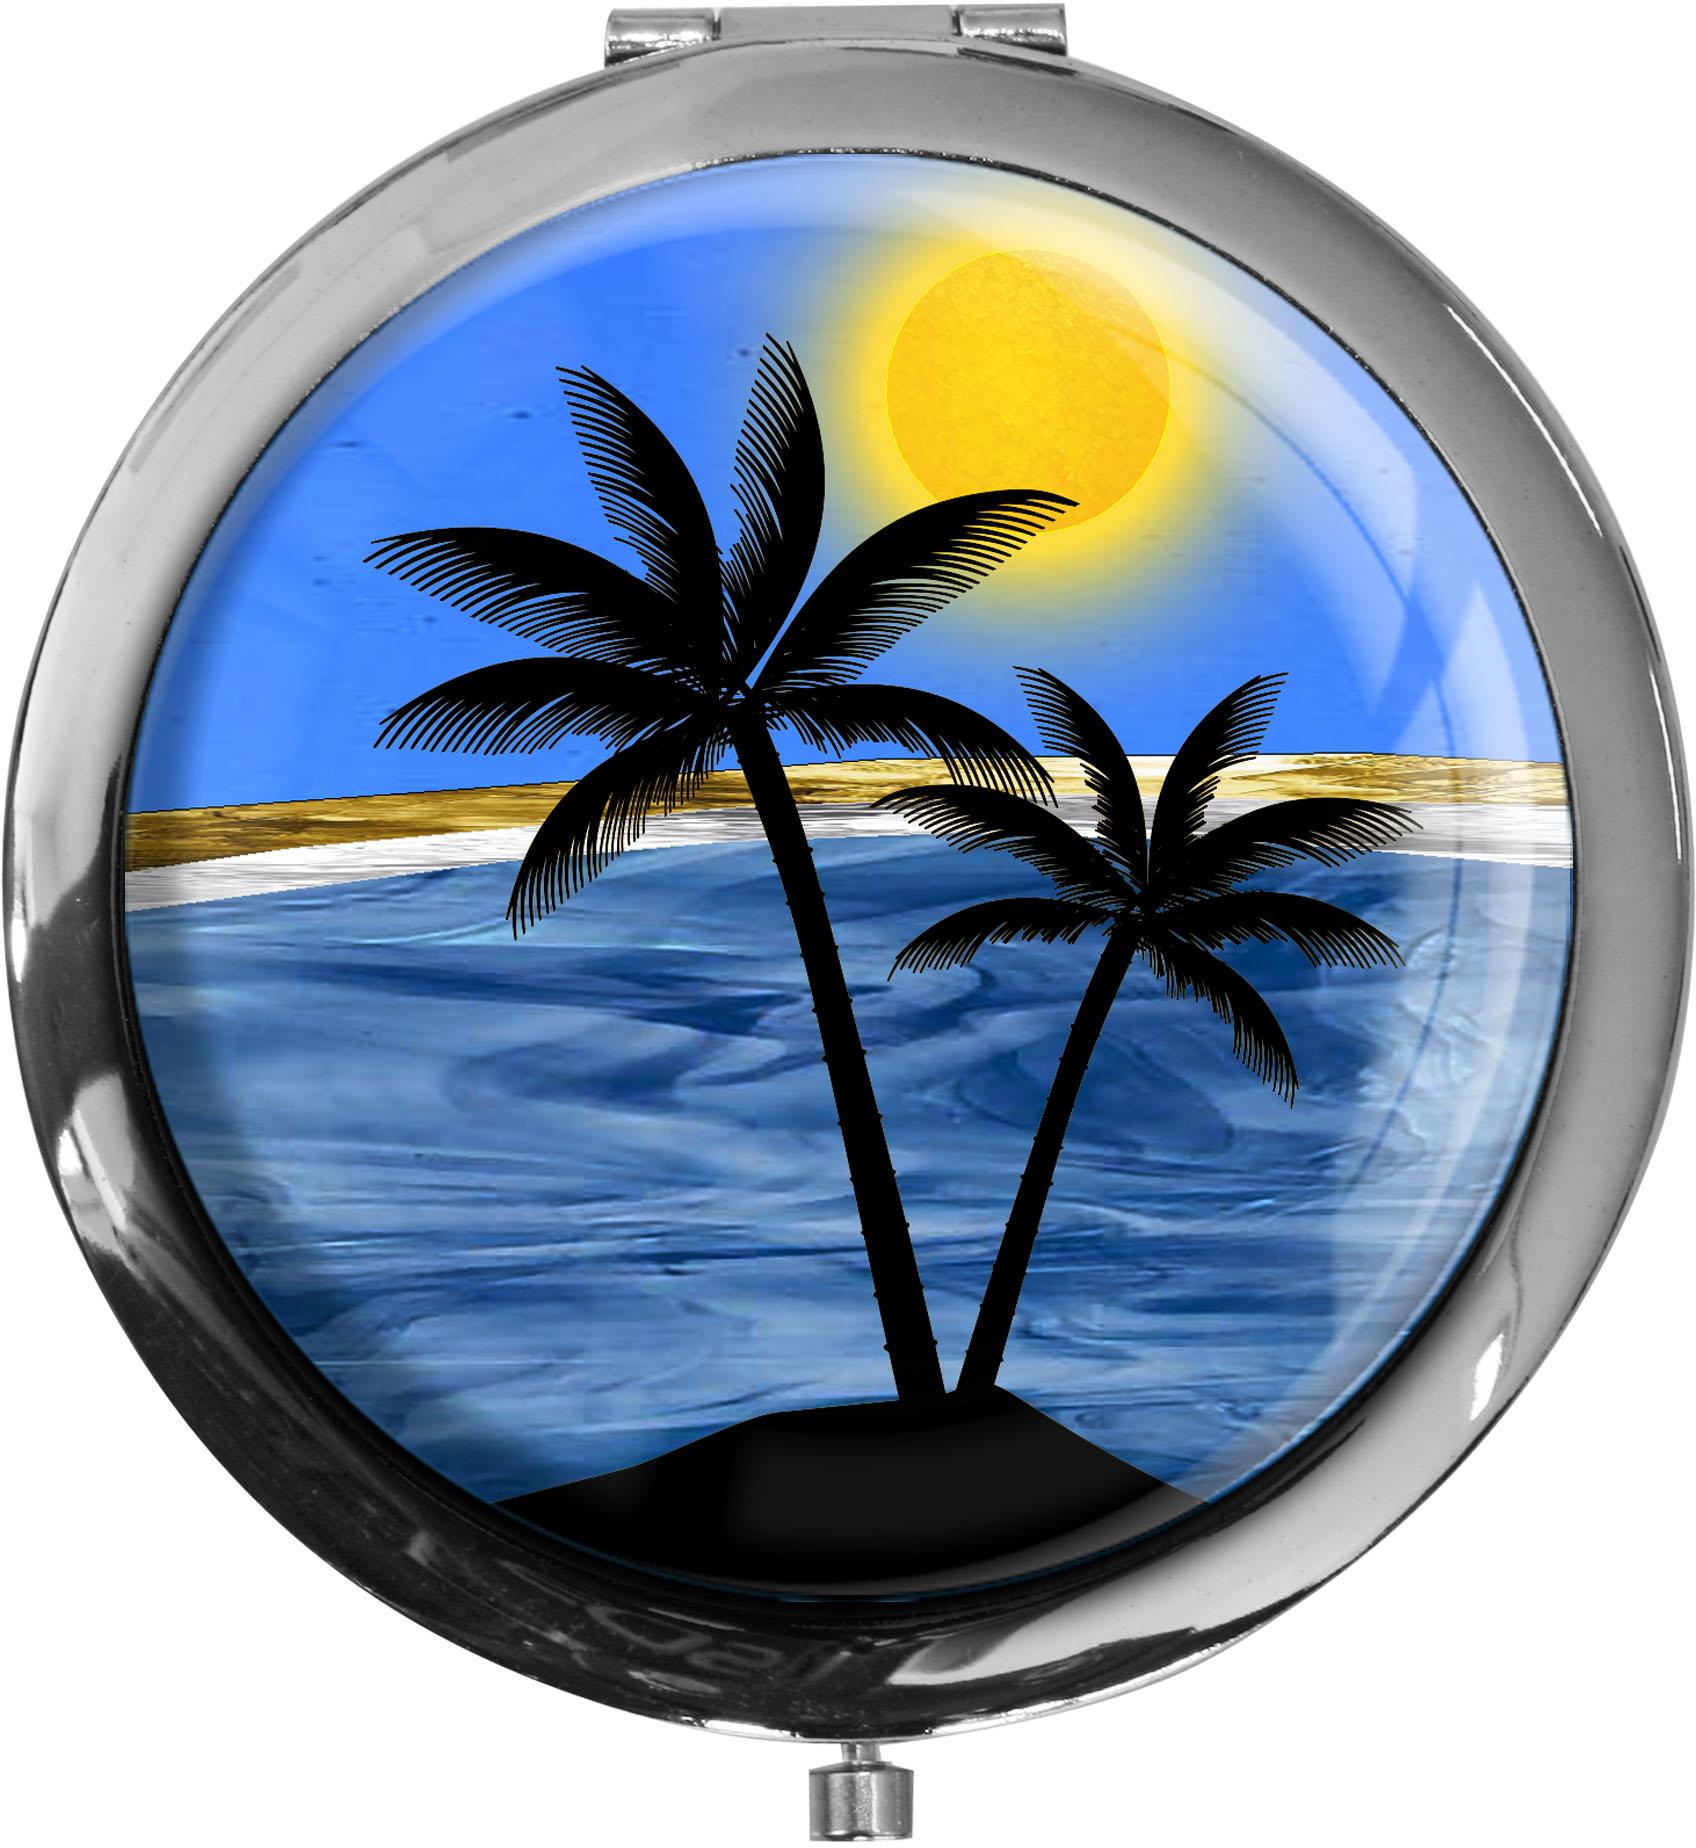 Taschenspiegel / Spiegel / Insel